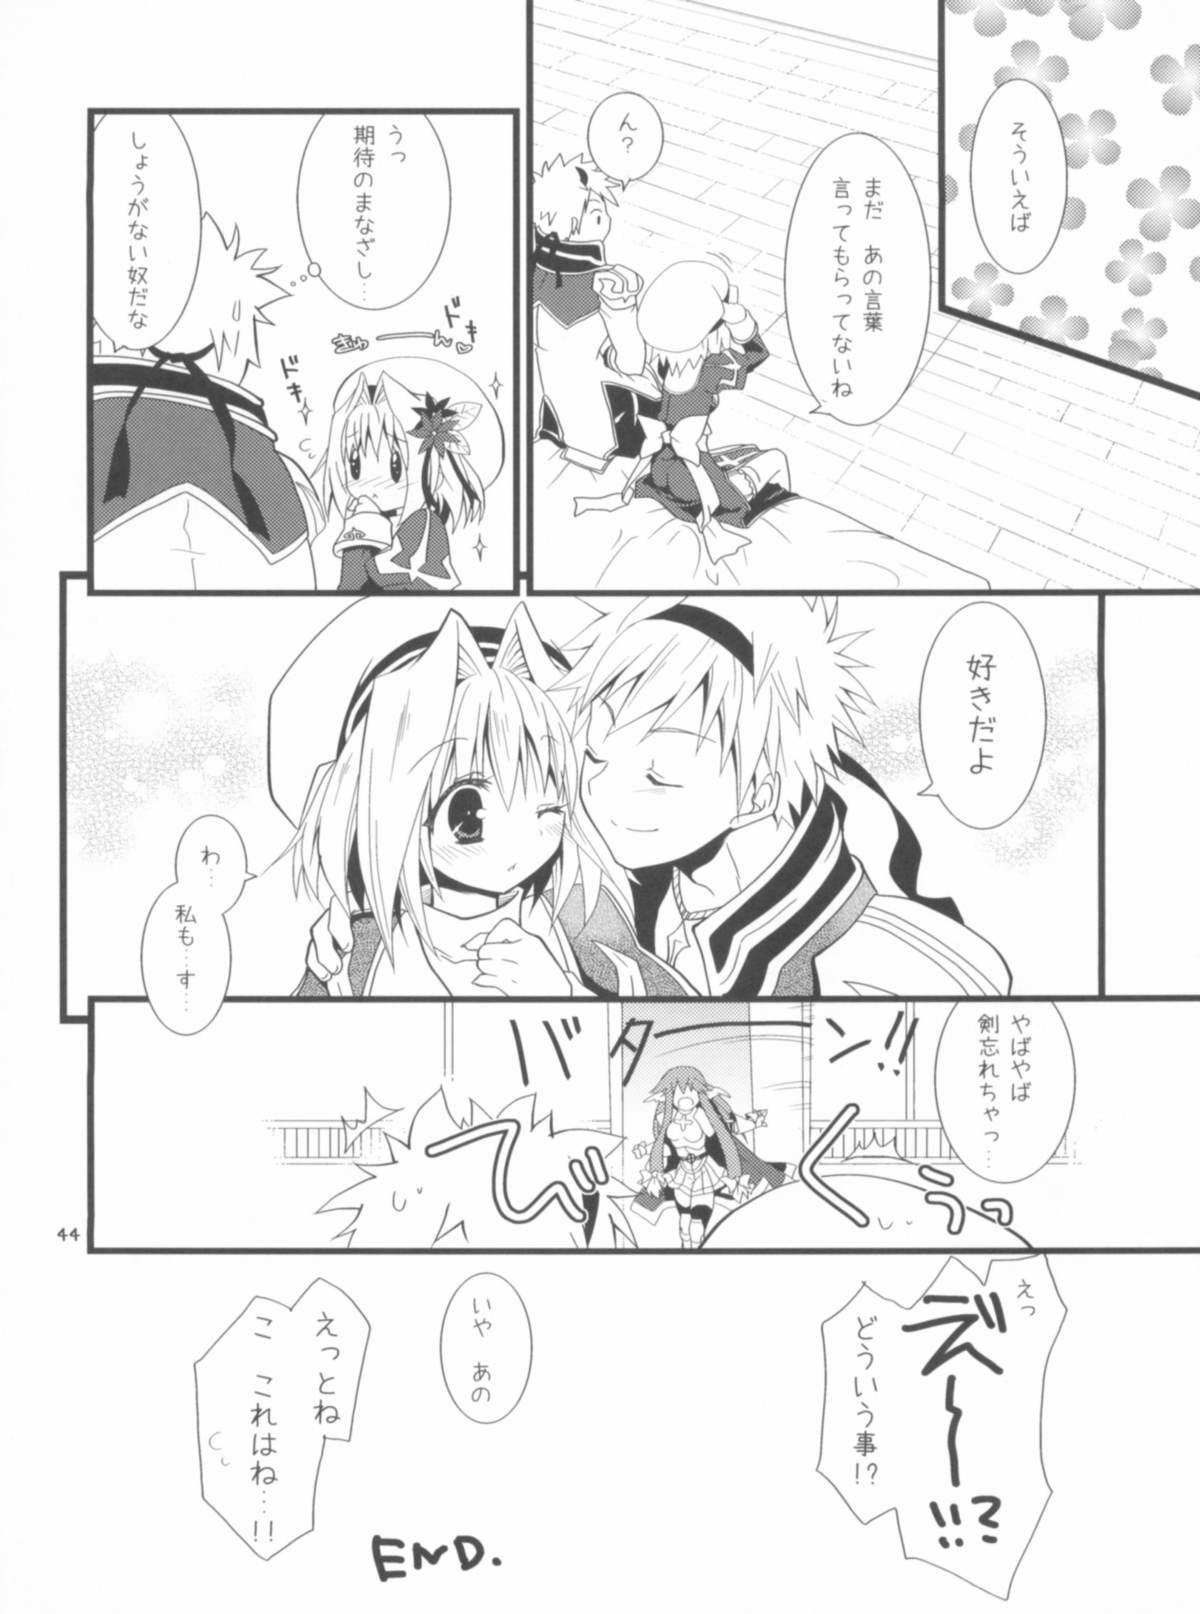 Memories of RO 43